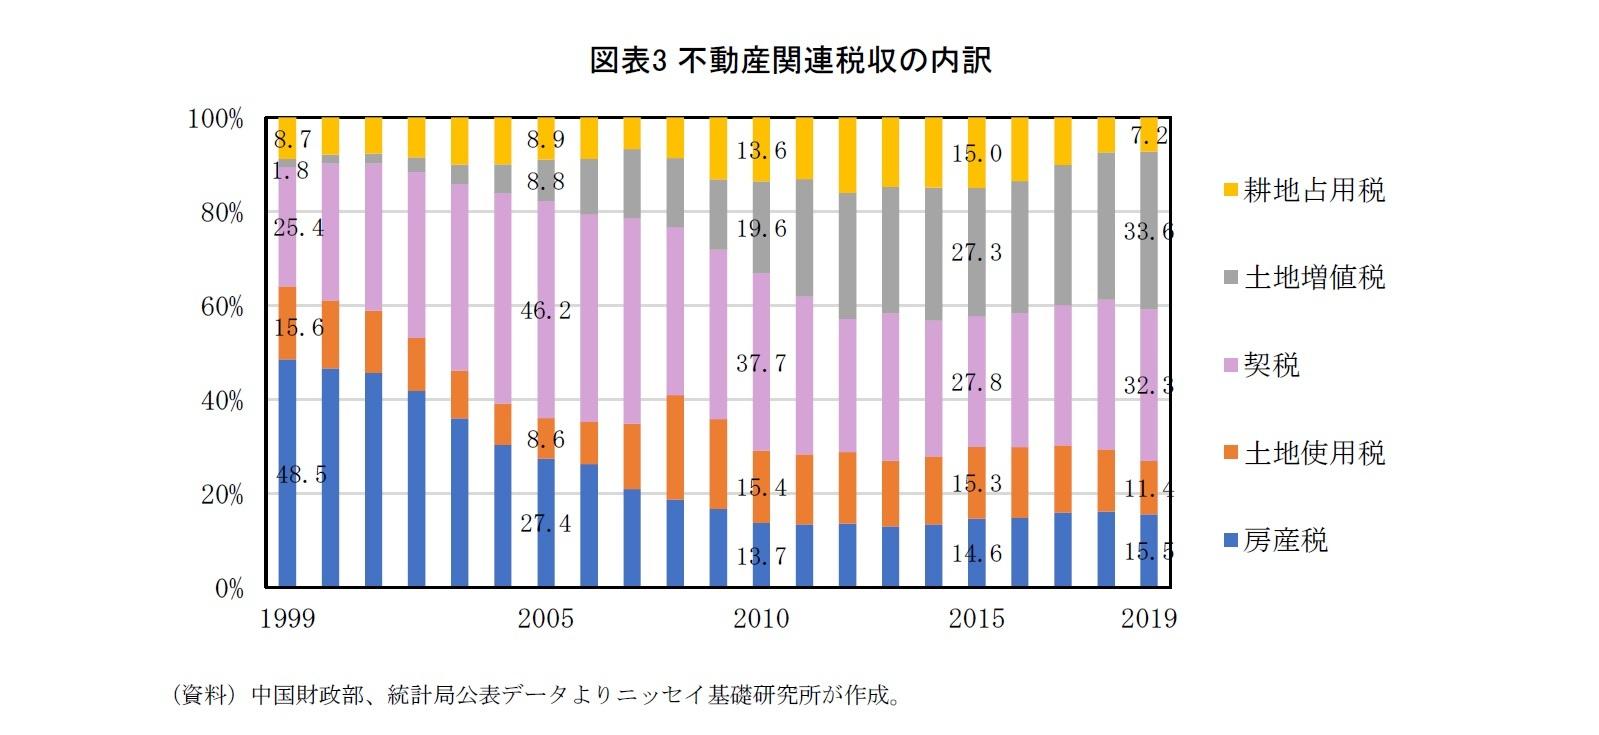 図表3 不動産関連税収の内訳